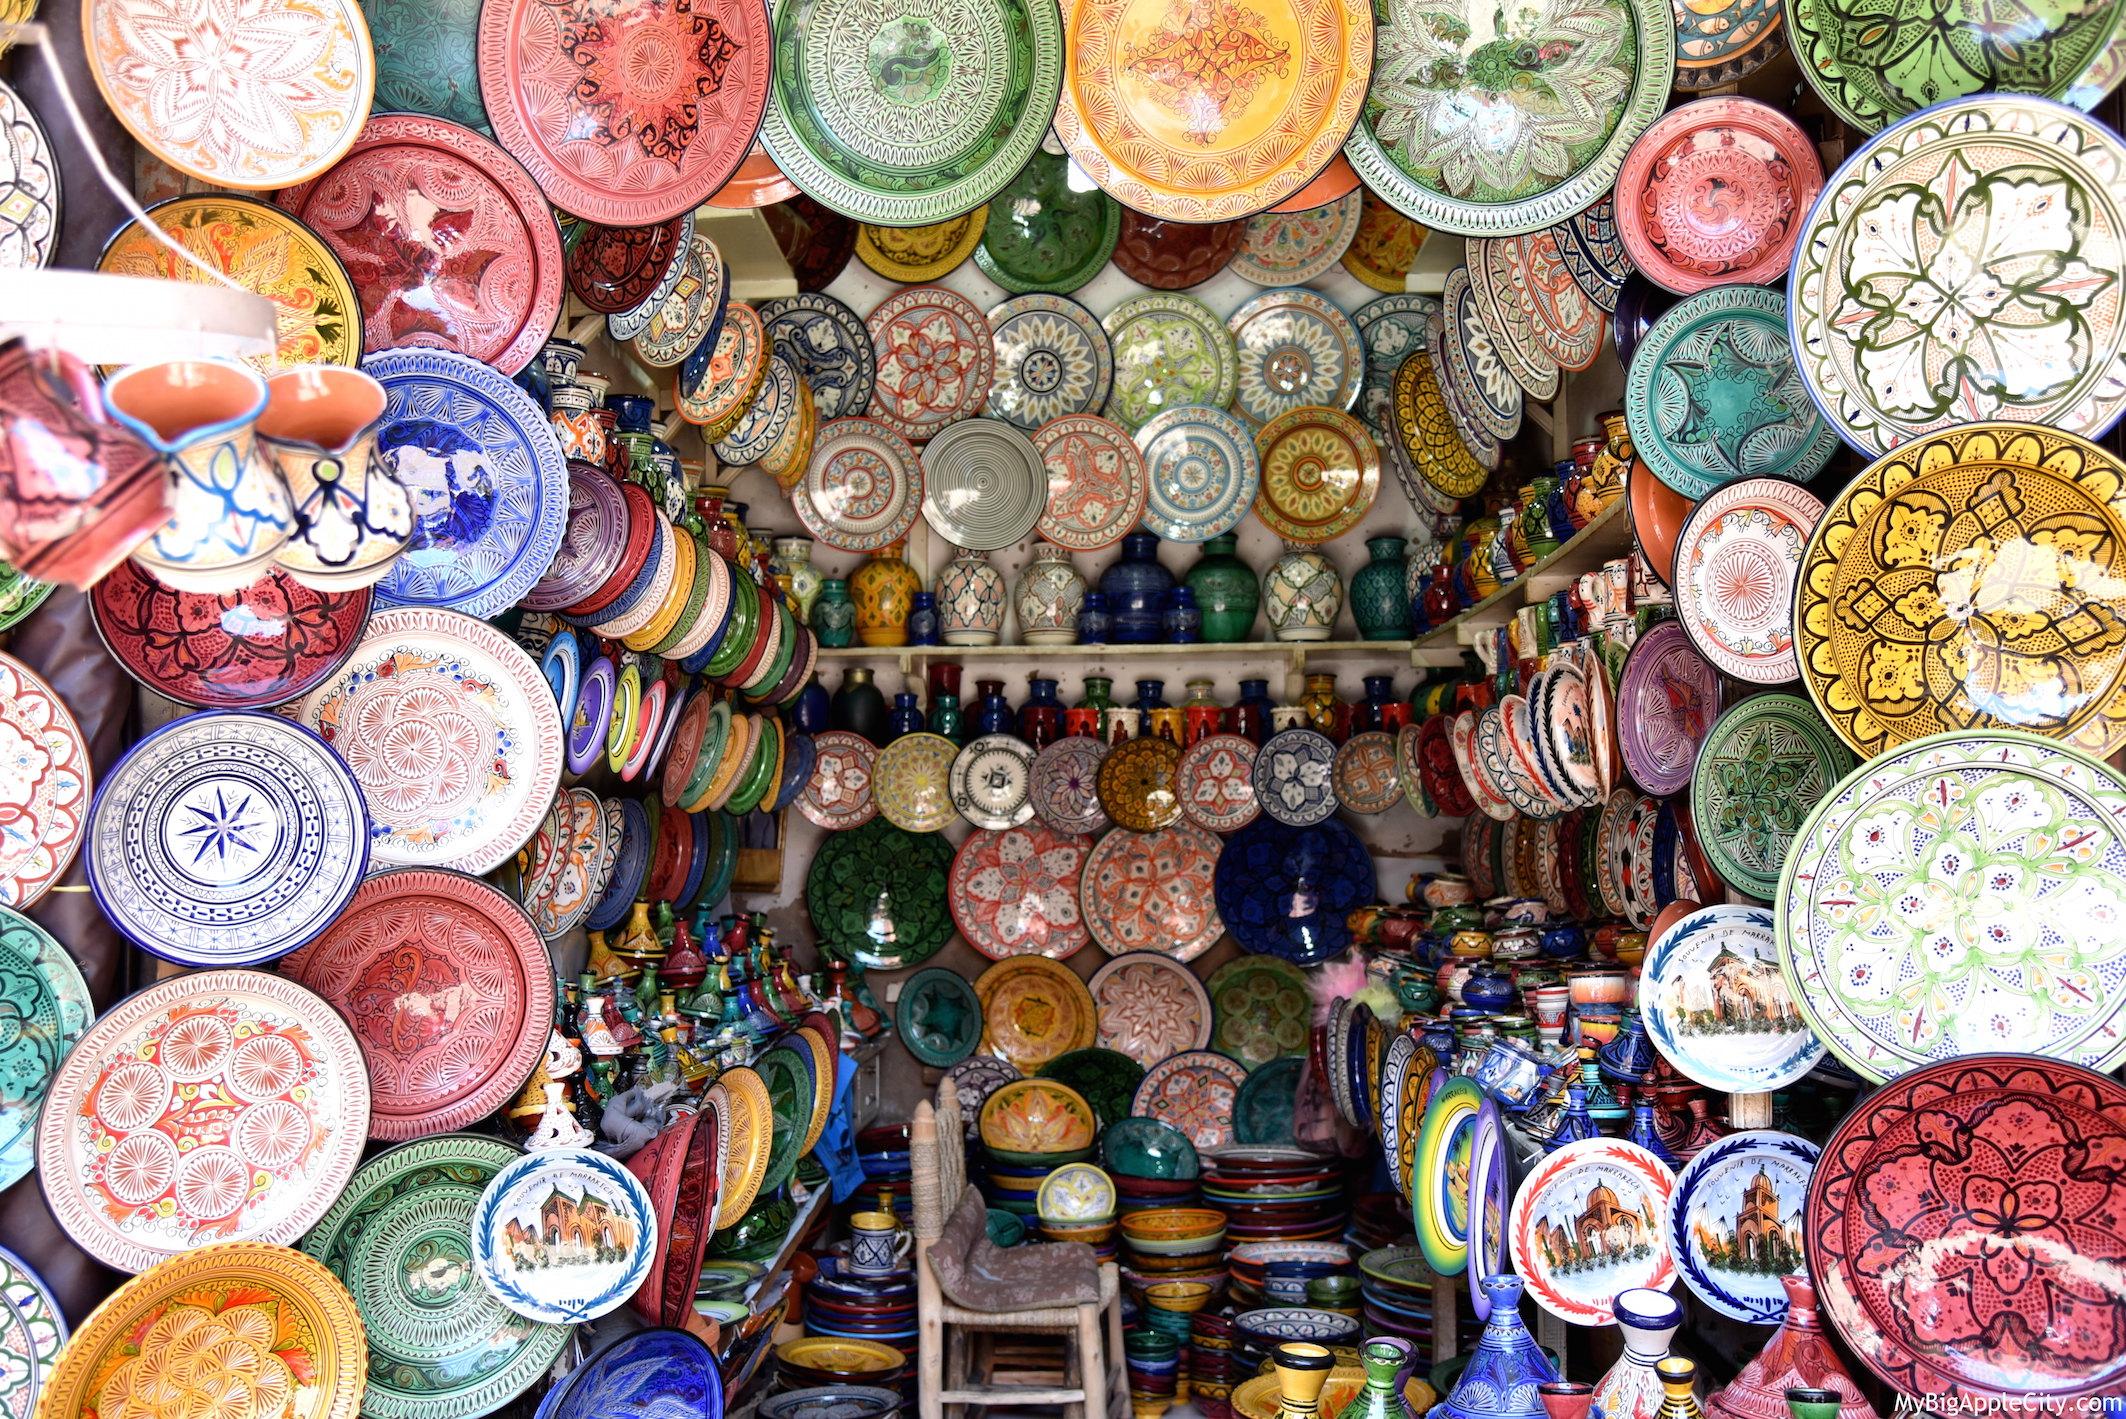 Souk-Marrakech-Medina-Blog-voyage-2016-MyBigAppleCity